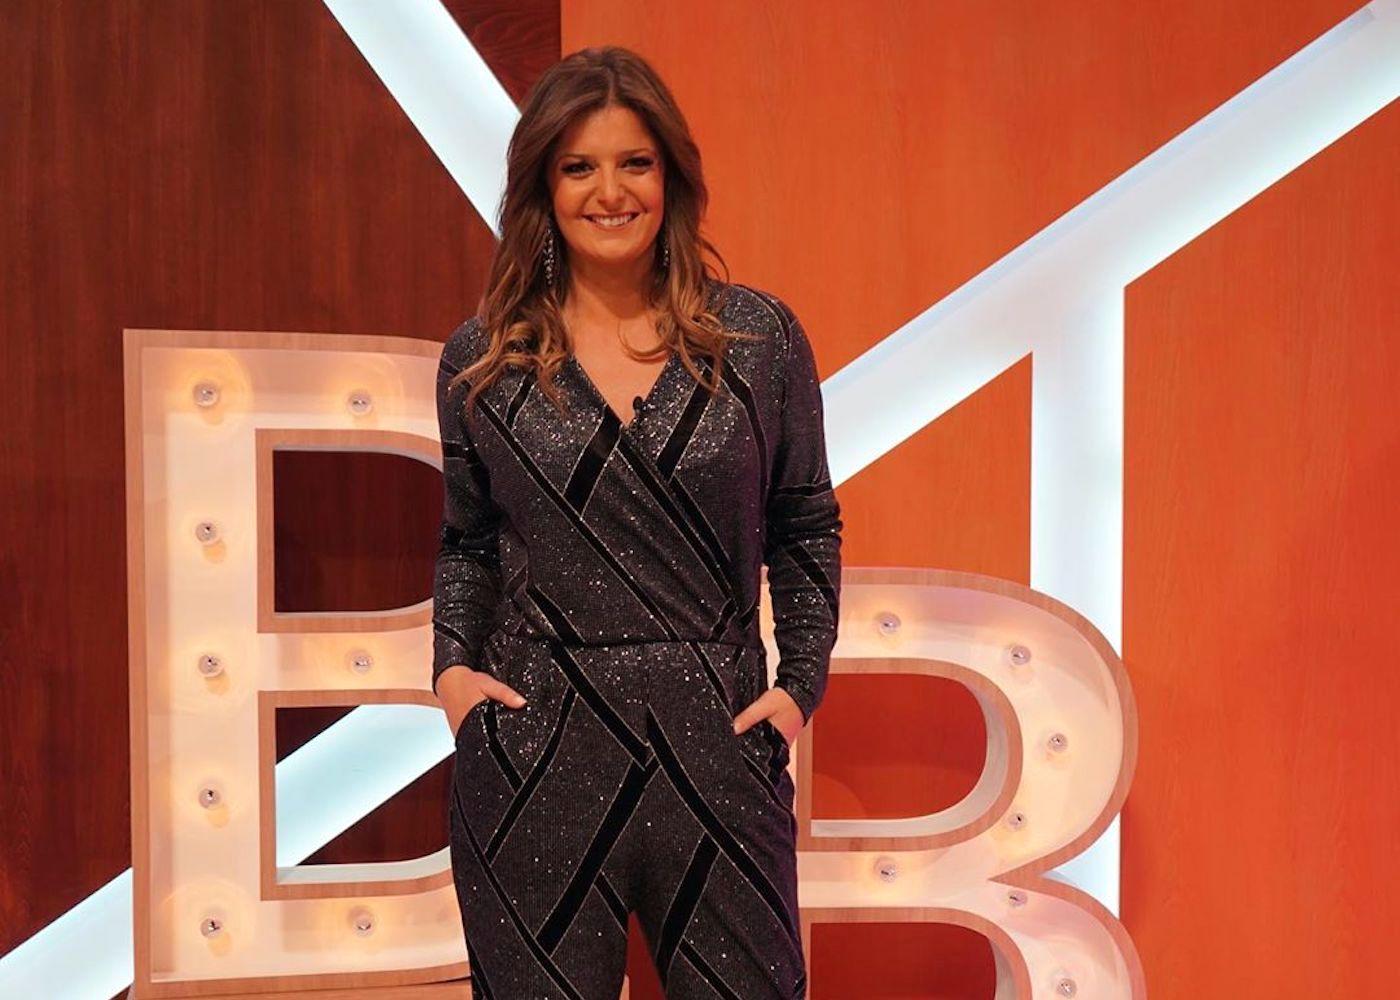 Maria Botelho Moniz Big Brother Diário Do 'Big Brother 2020' Cai Para Mínimo Histórico!